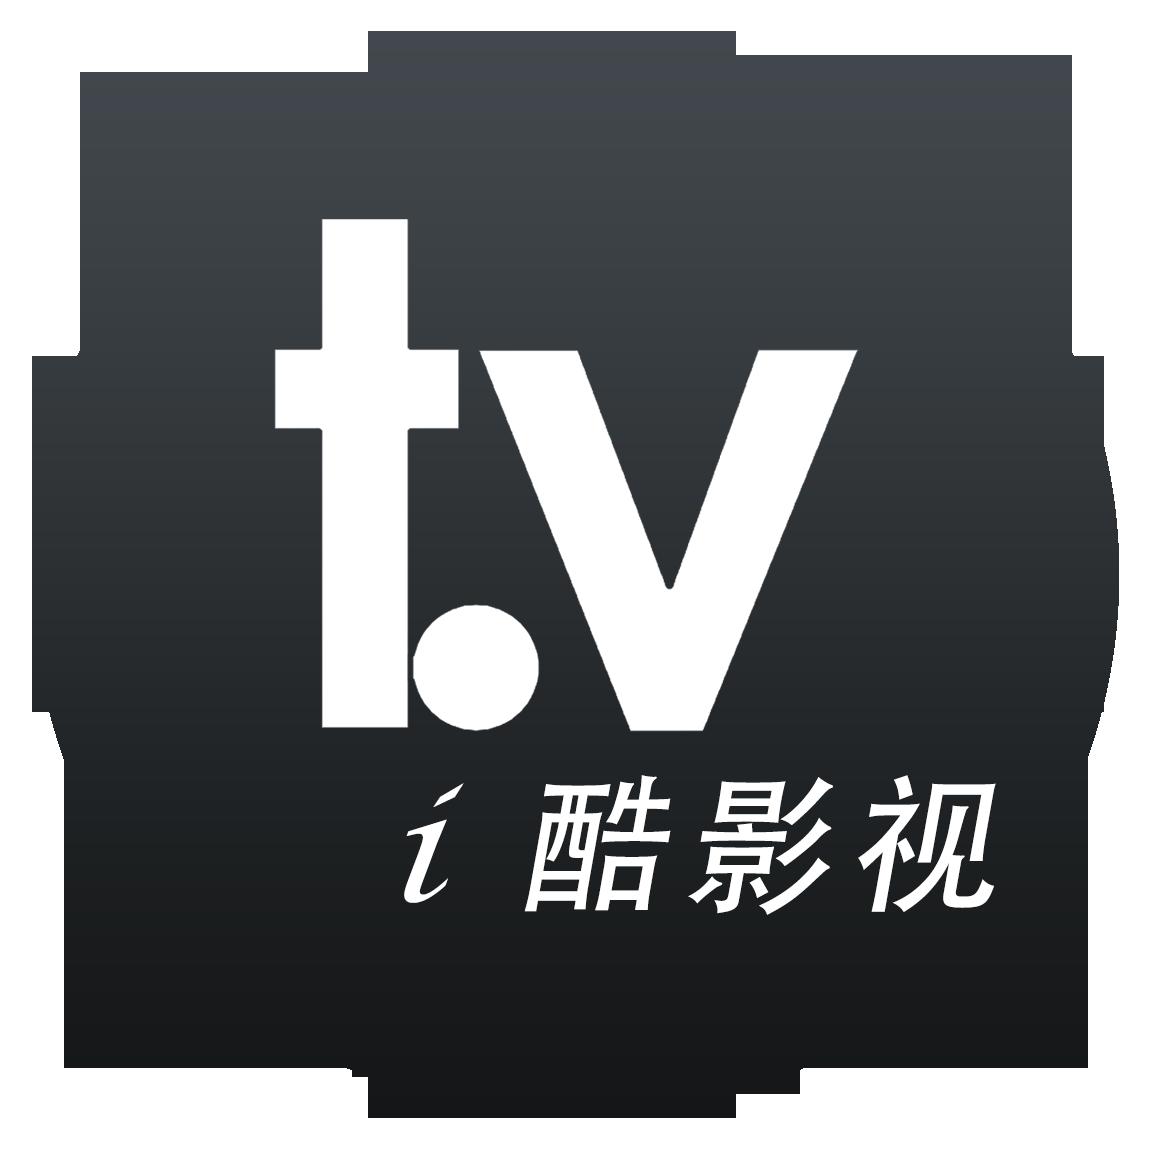 i酷影视盒子tv版v1.3.9 最新版